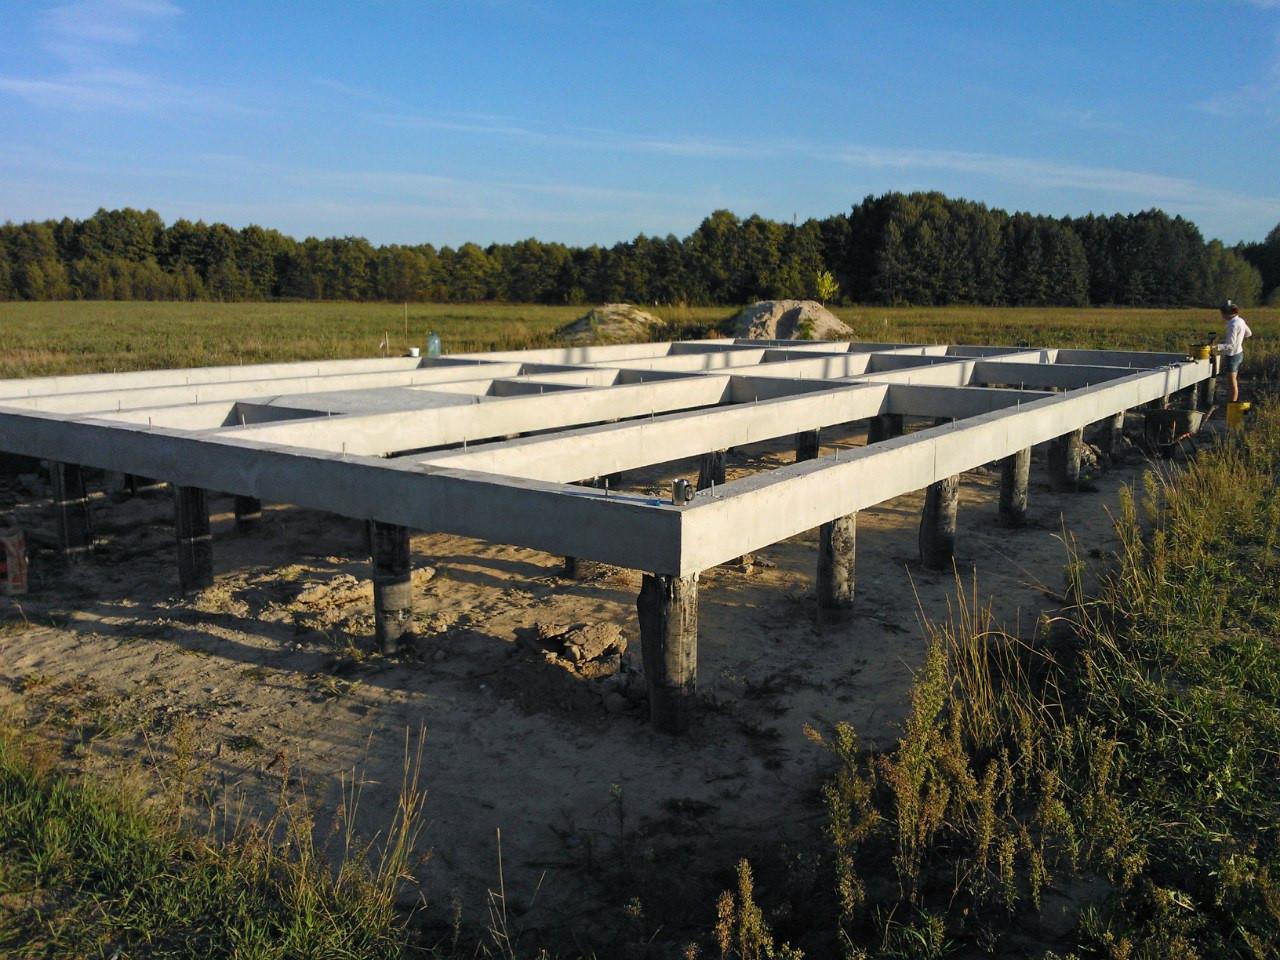 Готовый фундамент удивительно ровный и имеет минимальные отклнения по вертикали (не более 5 мм на 15 метров длины).